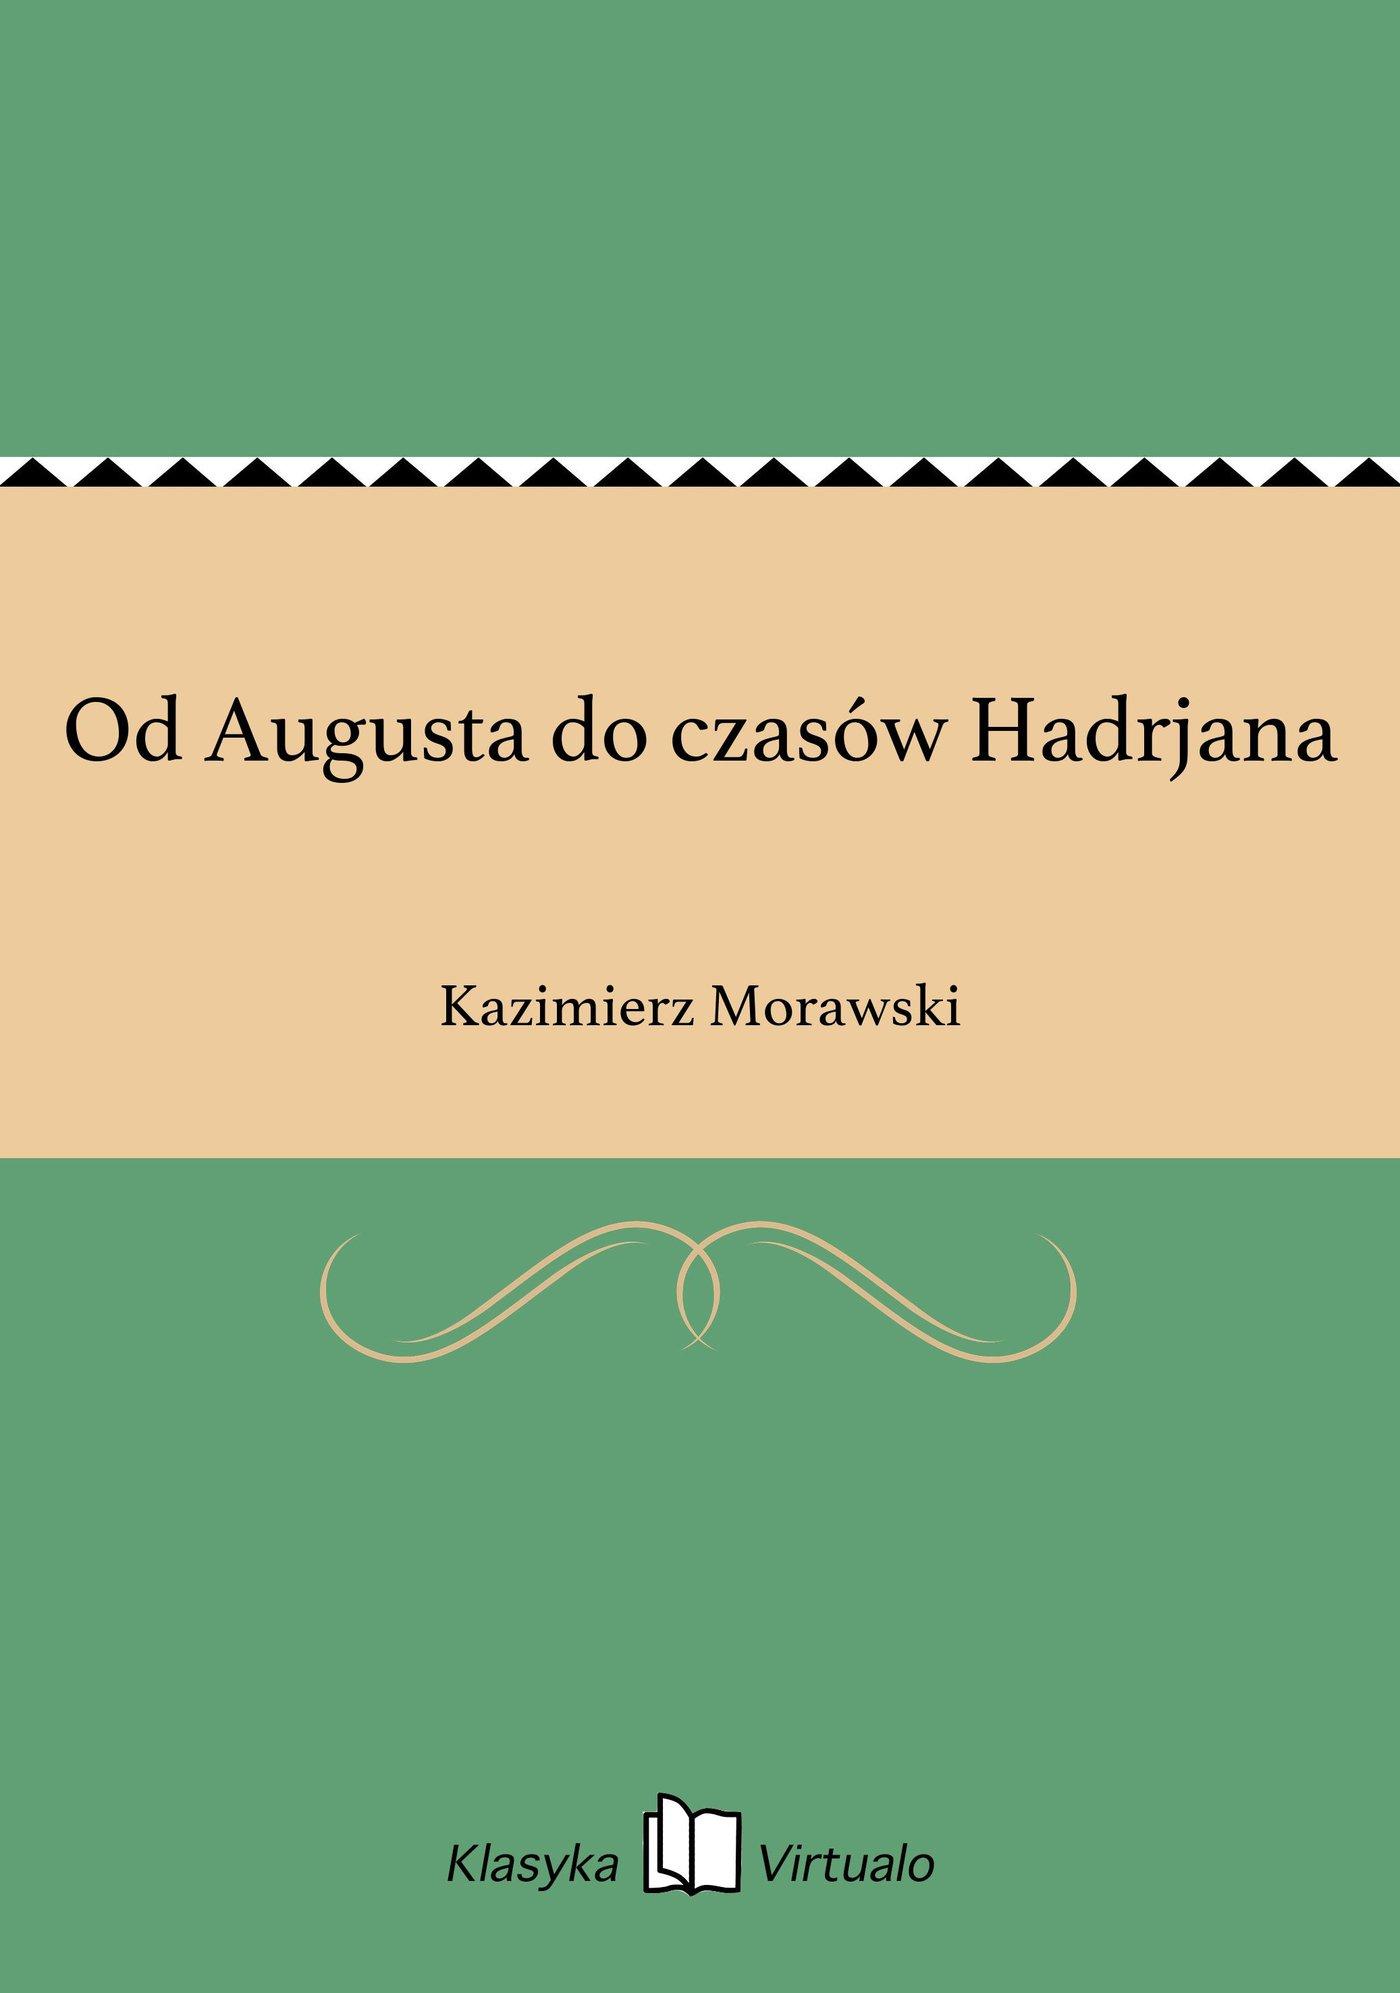 Od Augusta do czasów Hadrjana - Ebook (Książka EPUB) do pobrania w formacie EPUB